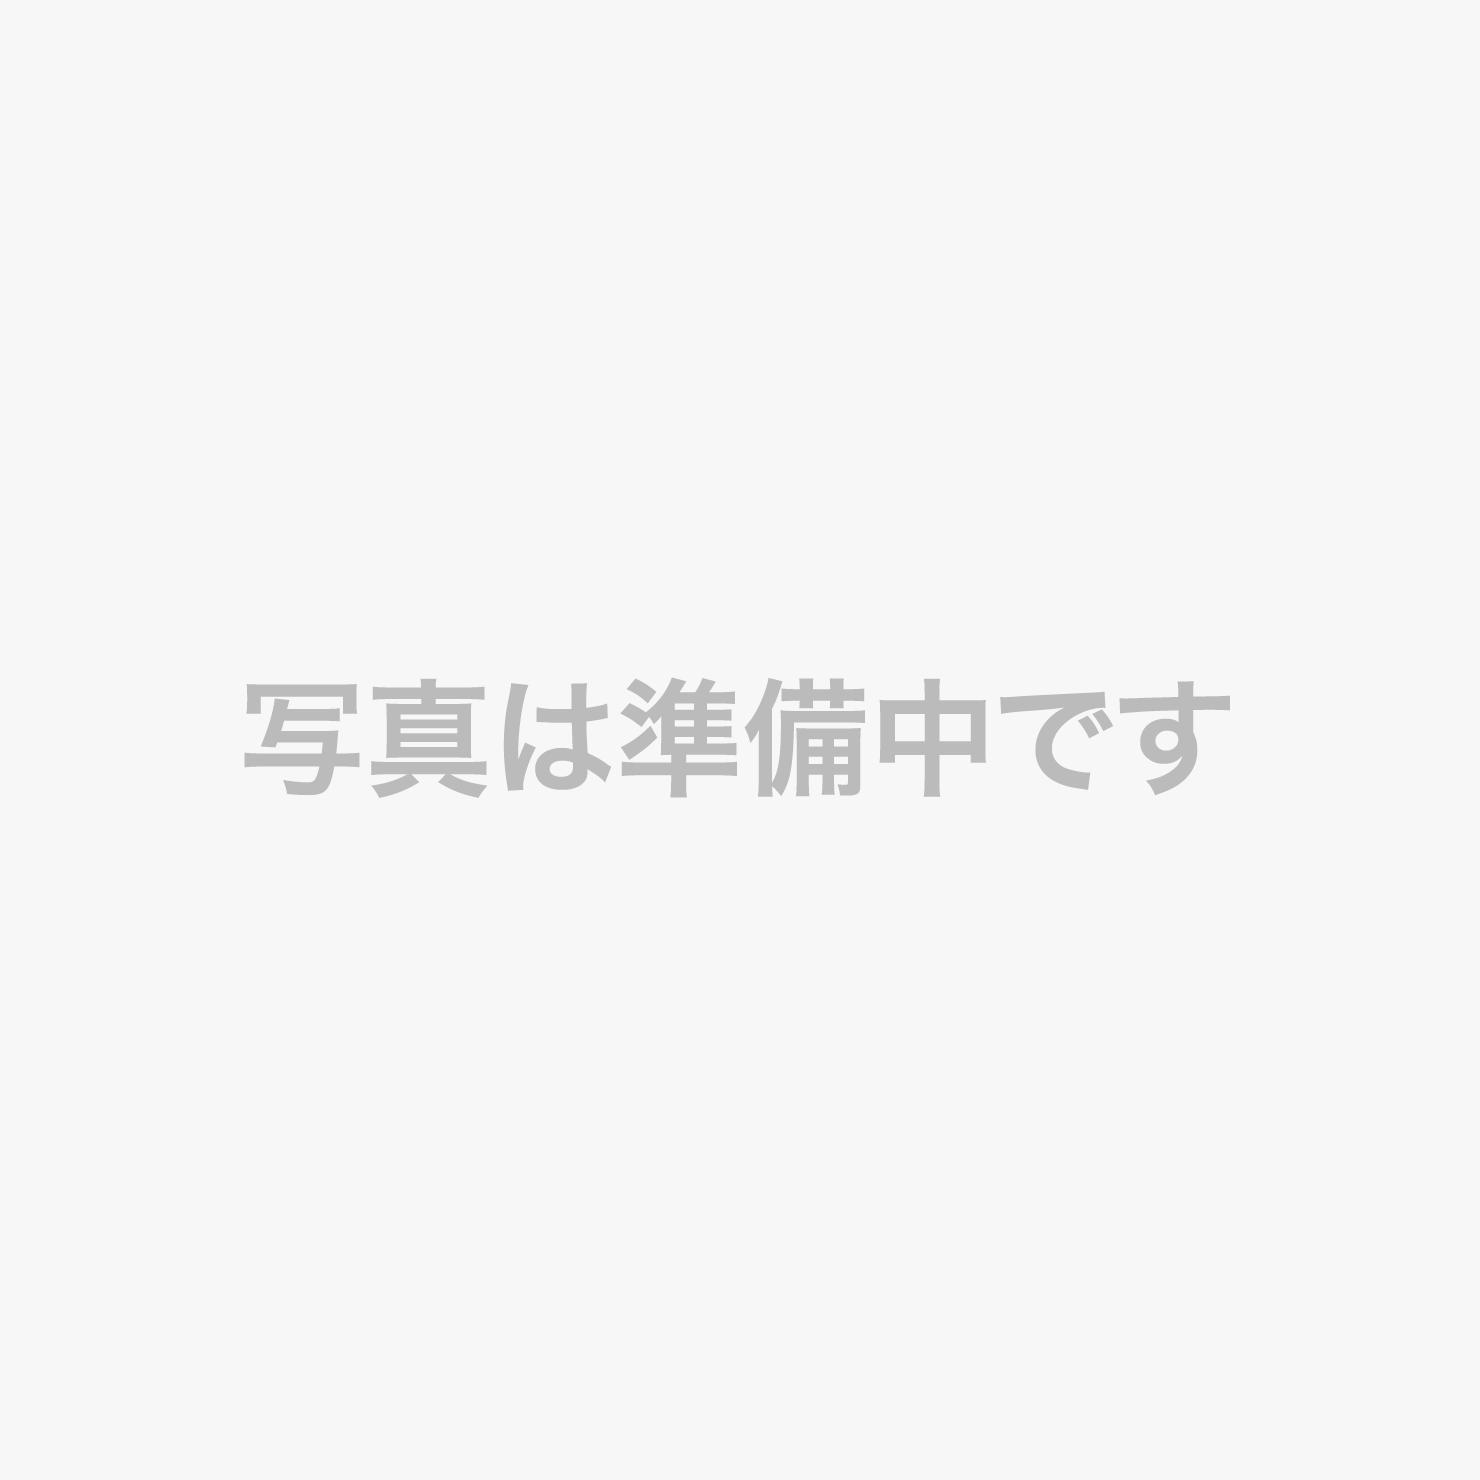 【メインタワー新ルーム】スーペリアルーム(34平米/2~4名様)2017年2月リニューアルOPEN!